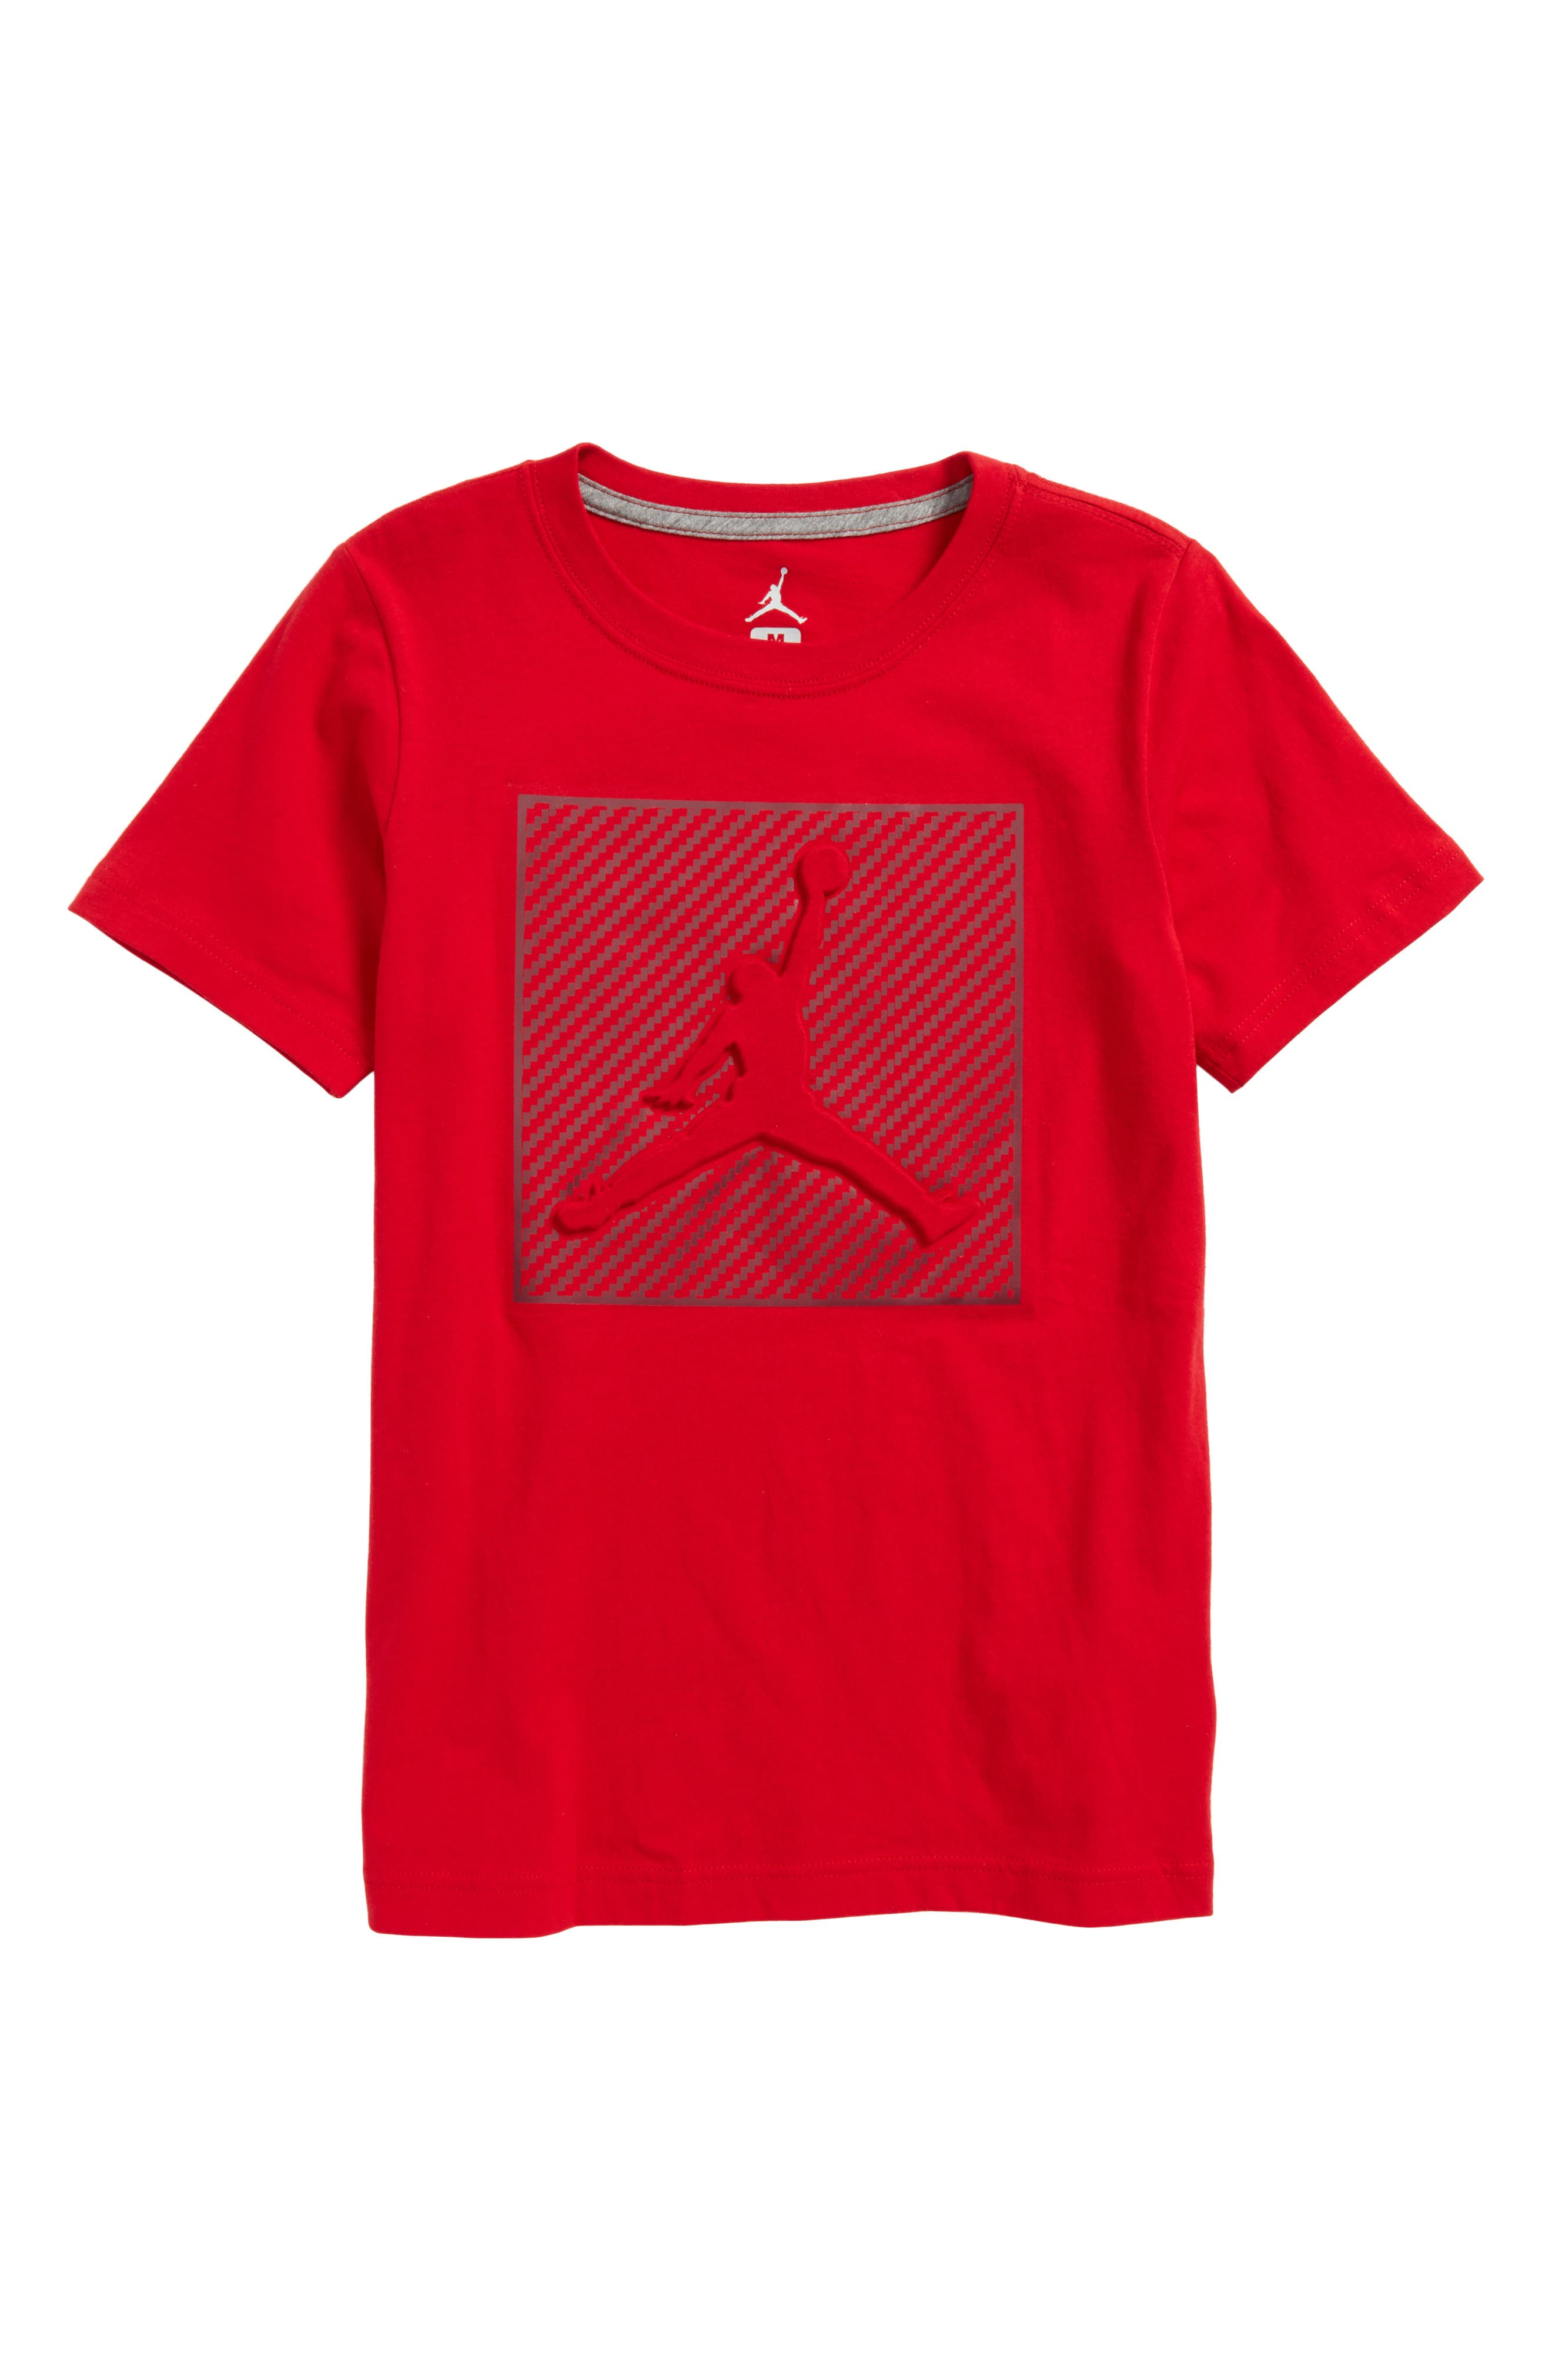 Jordan AJ Emboss Carbon T-Shirt,                         Main,                         color, 606